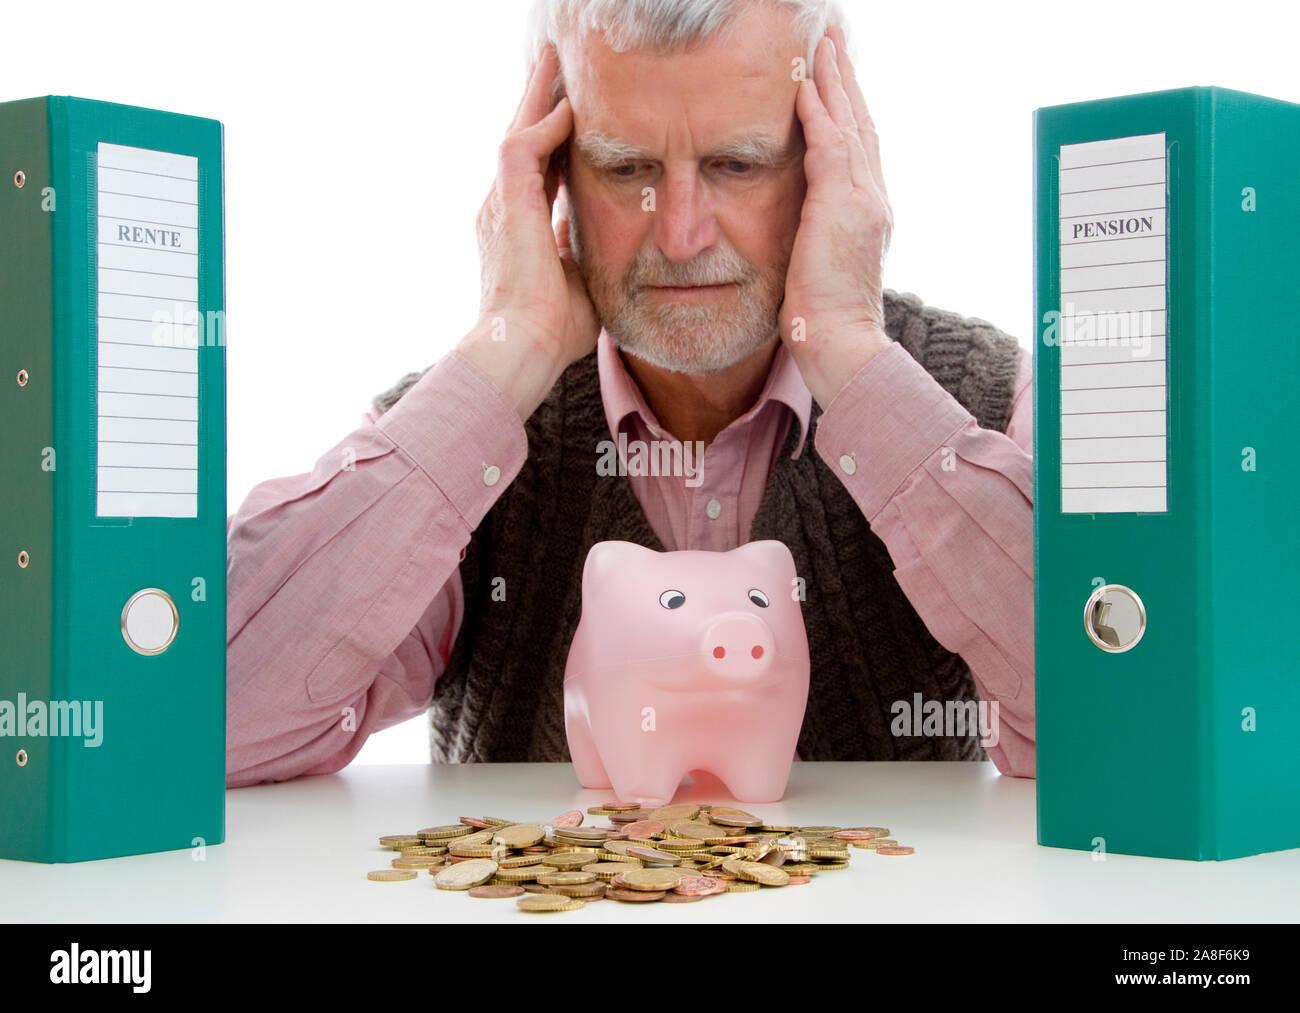 Rentner mit Geldsorgen, sitzt vor Sparschwein und verzweifelt, MR: Yes Stock Photo